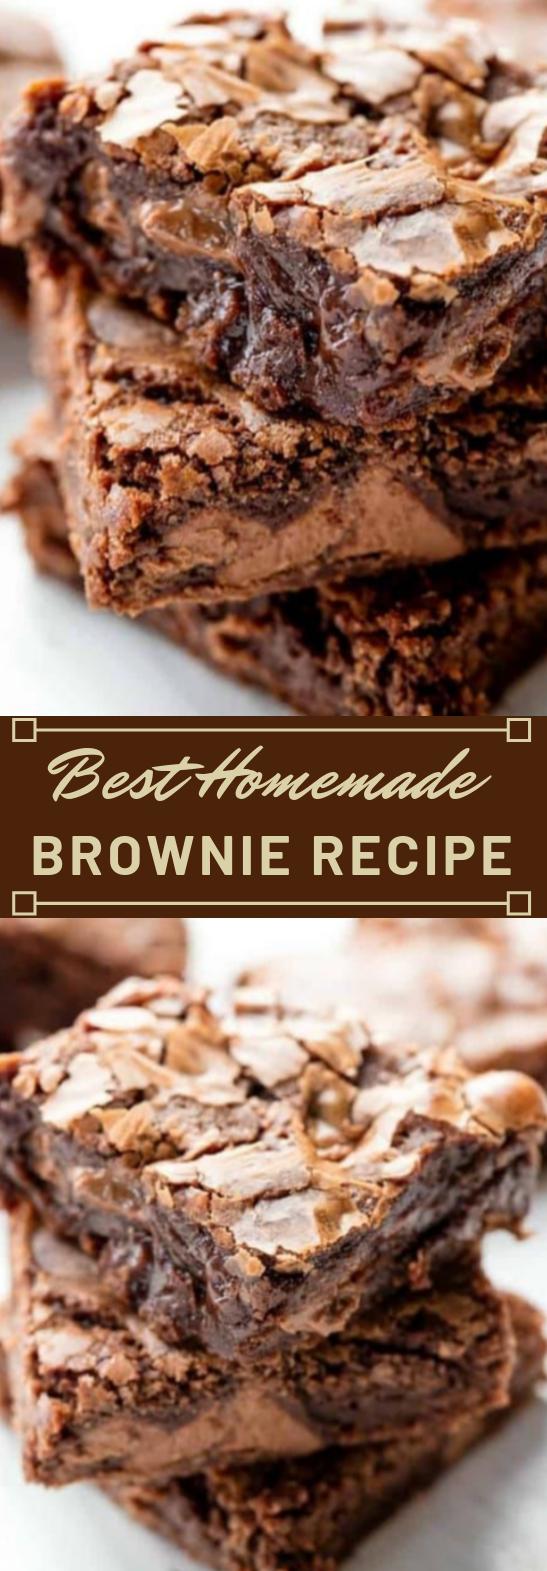 Best Brownies Eve #dessert #cupcakes #brownies #cakes #pumpkin